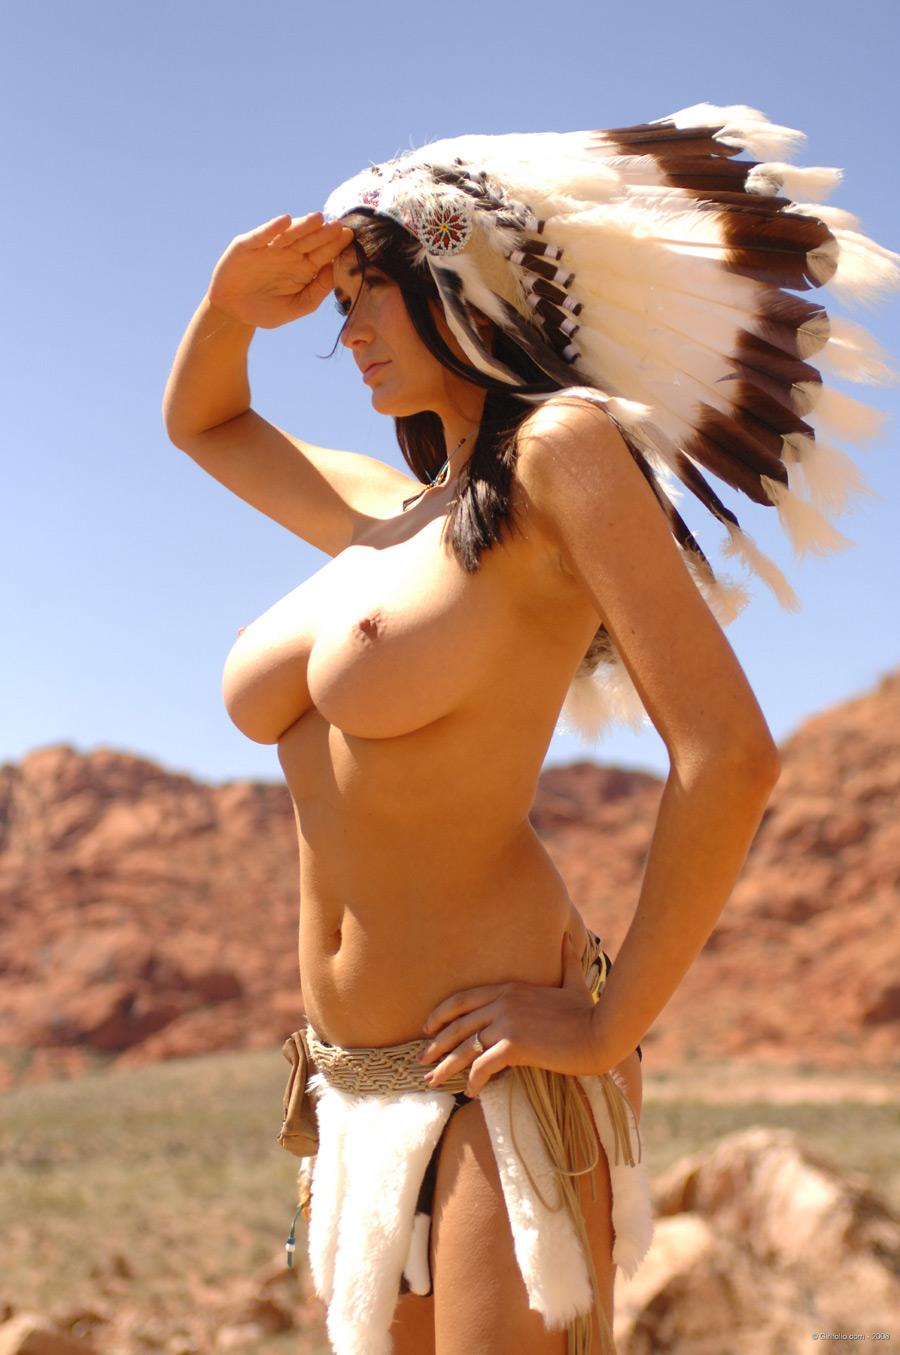 вдвоем эротика индейцев смотреть онлайн прям